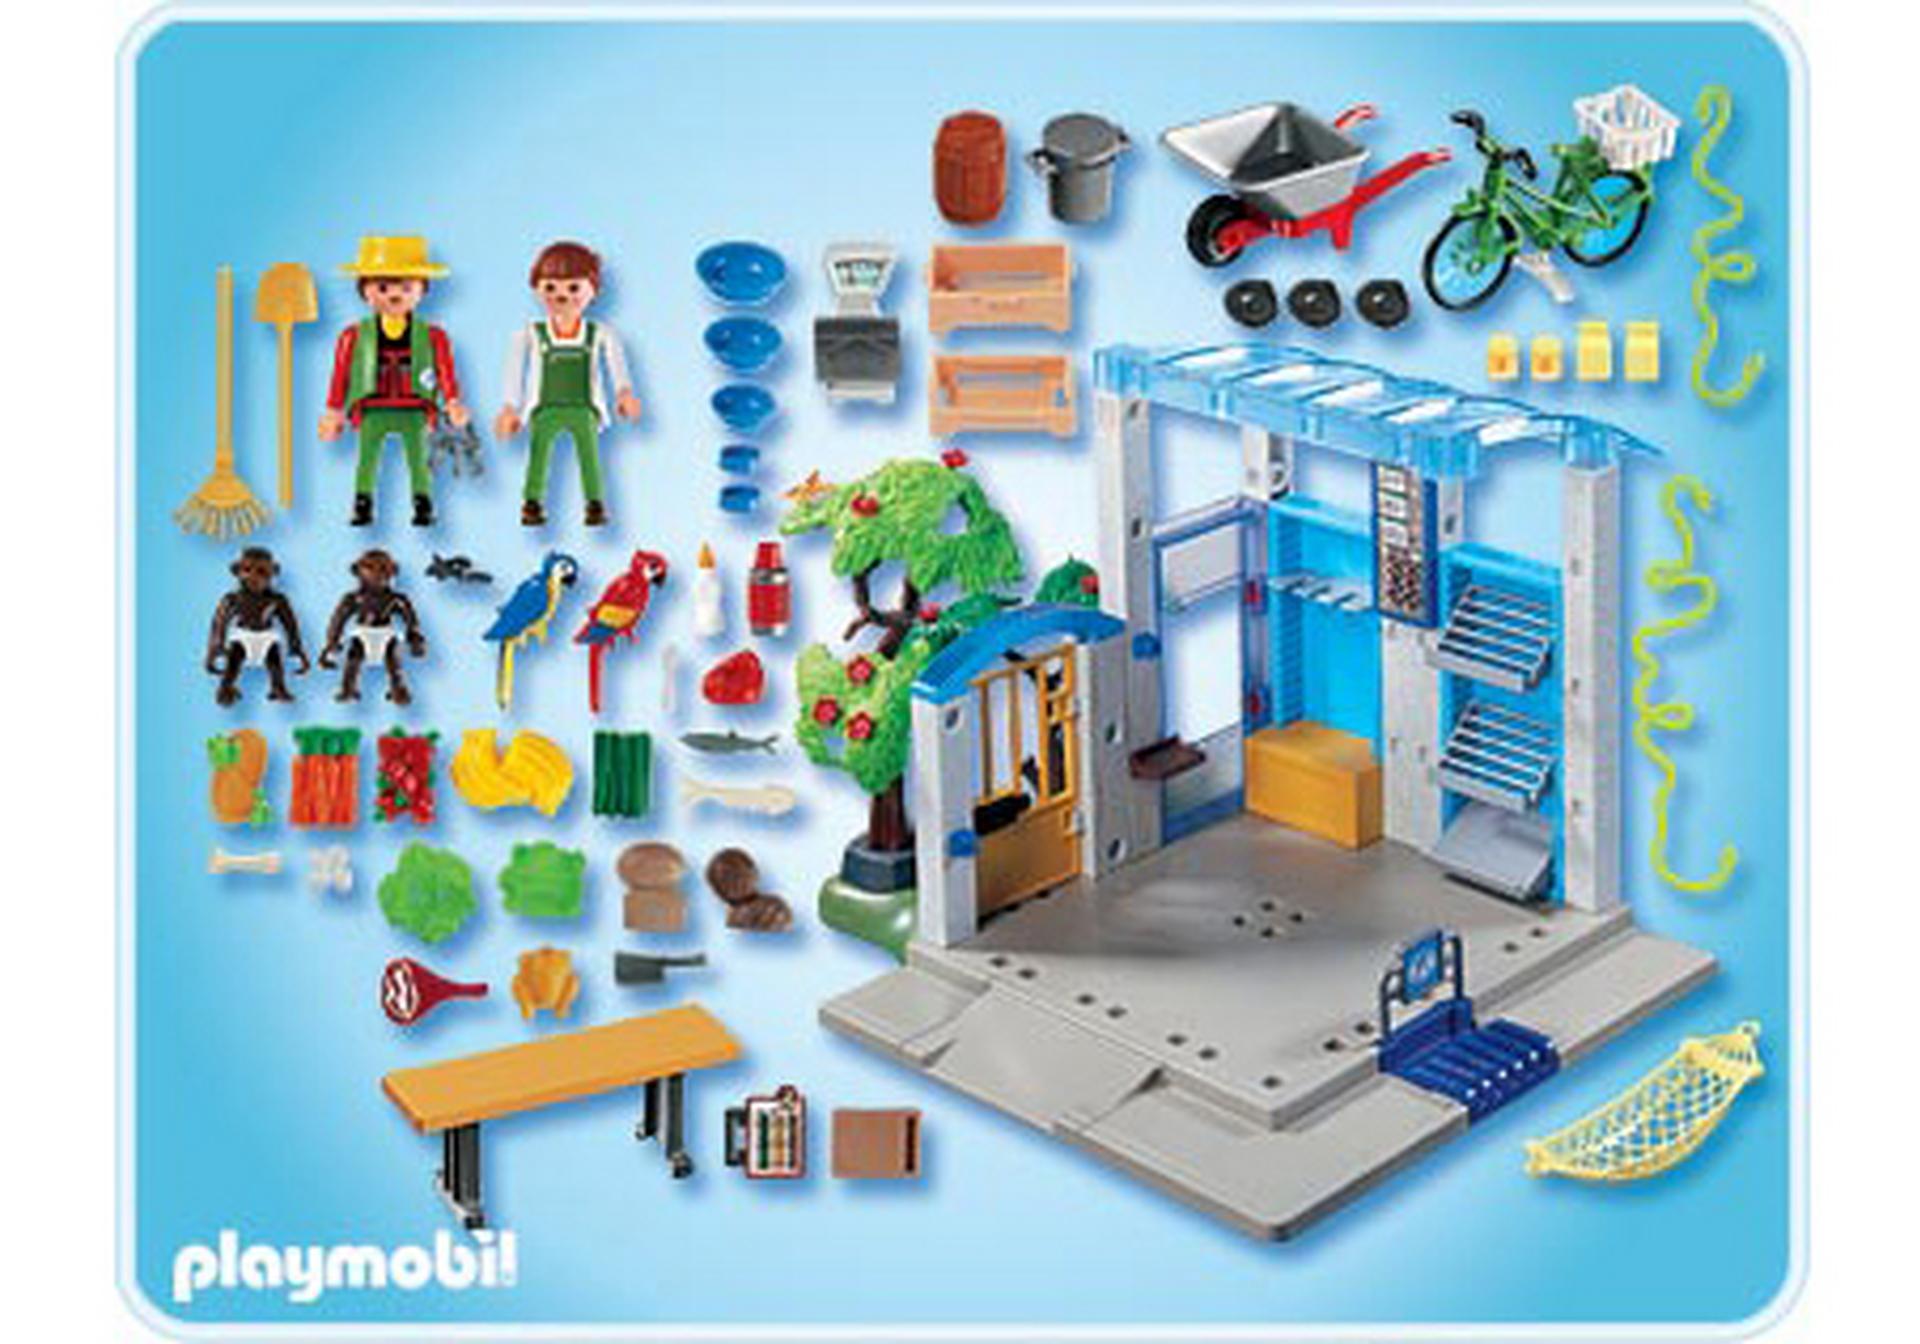 Futterstation 4461 a playmobil deutschland for Playmobil cuisine